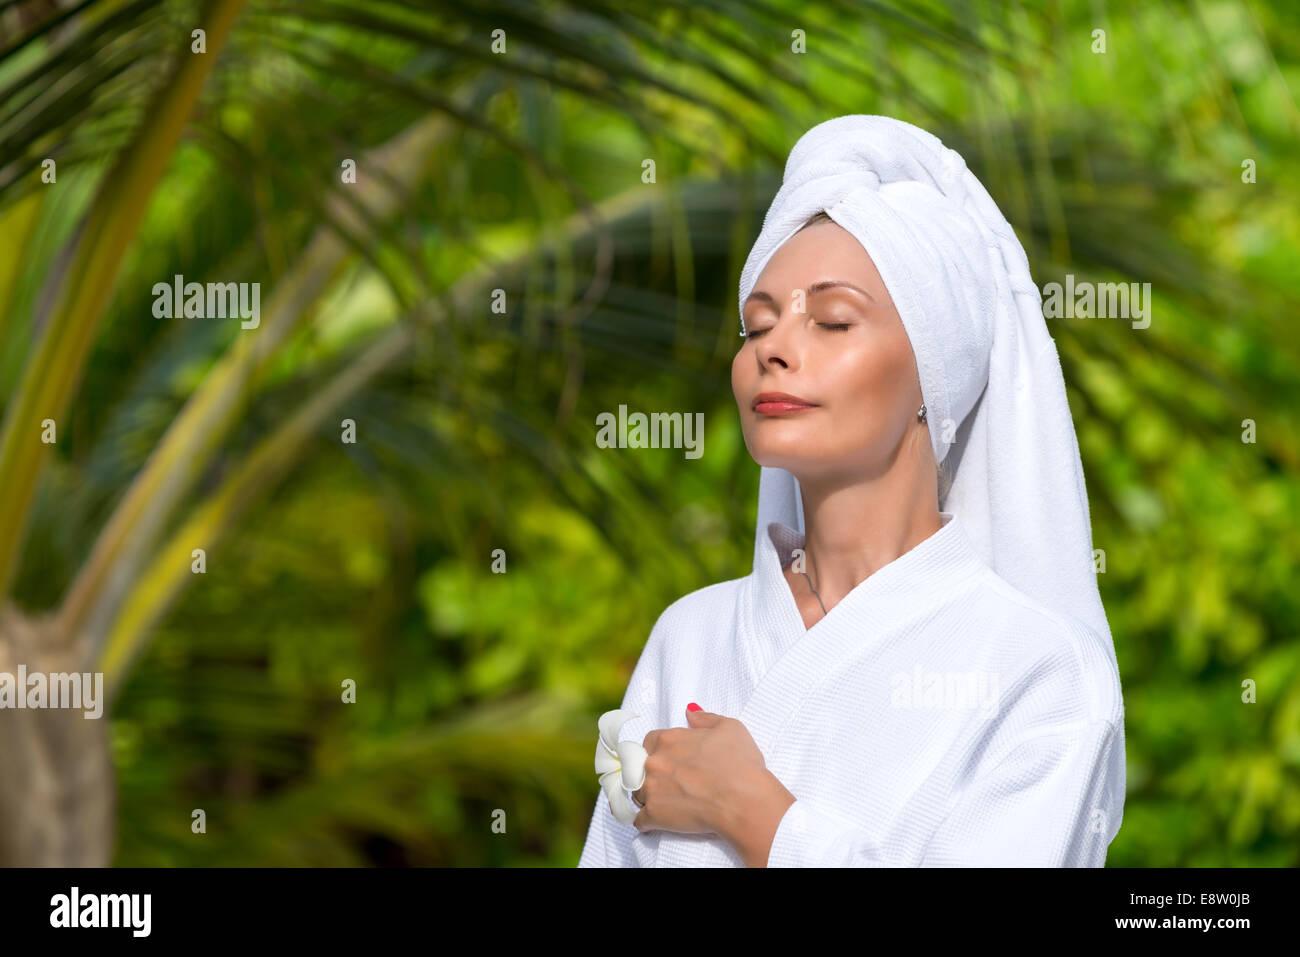 La santé, spa et beauté concept - belle femme in towel Photo Stock